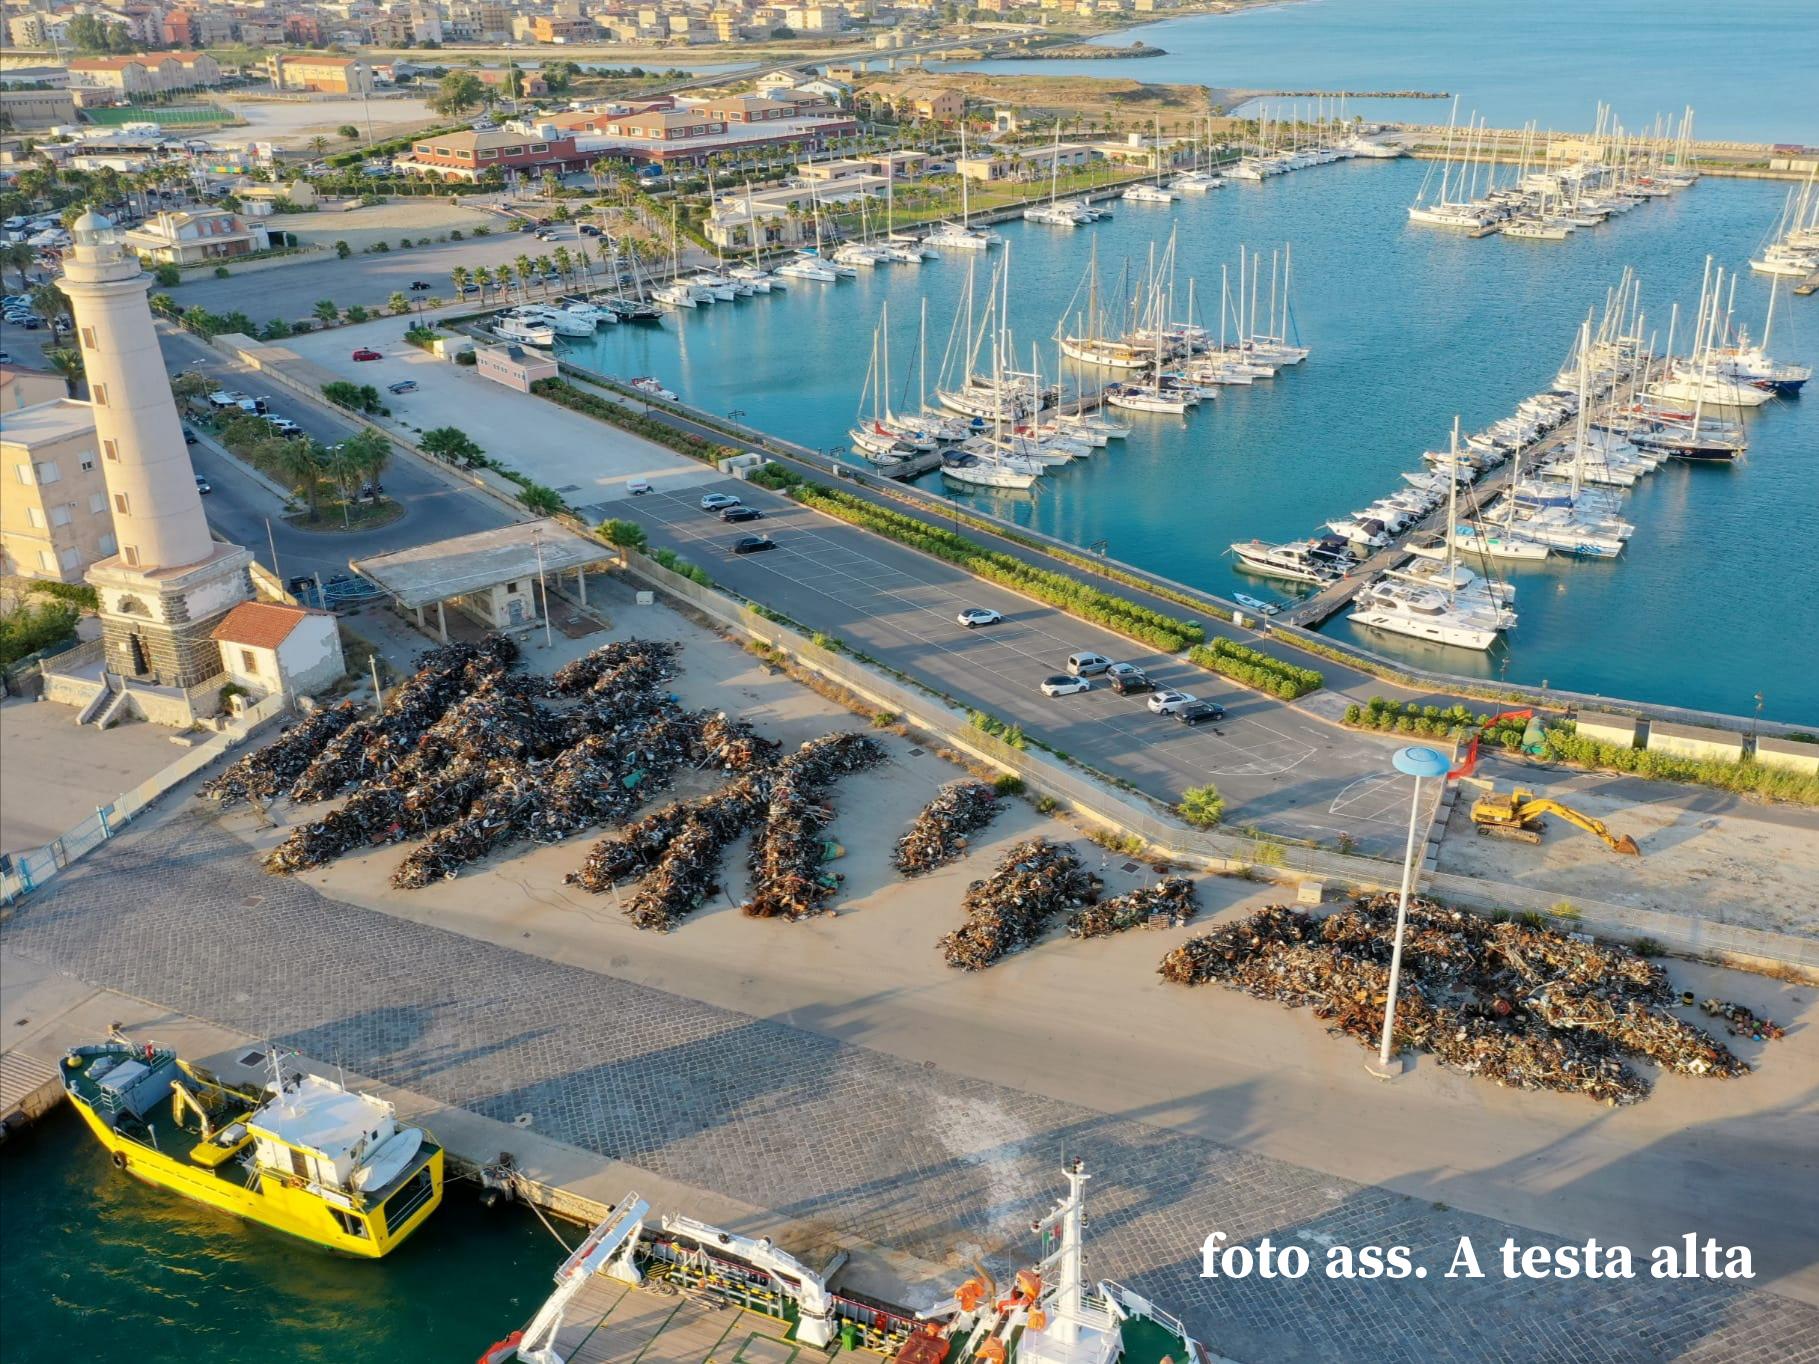 Rifiuti ferrosi al porto di Licata, A testa alta: 'attendiamo riscontro con il Comune'